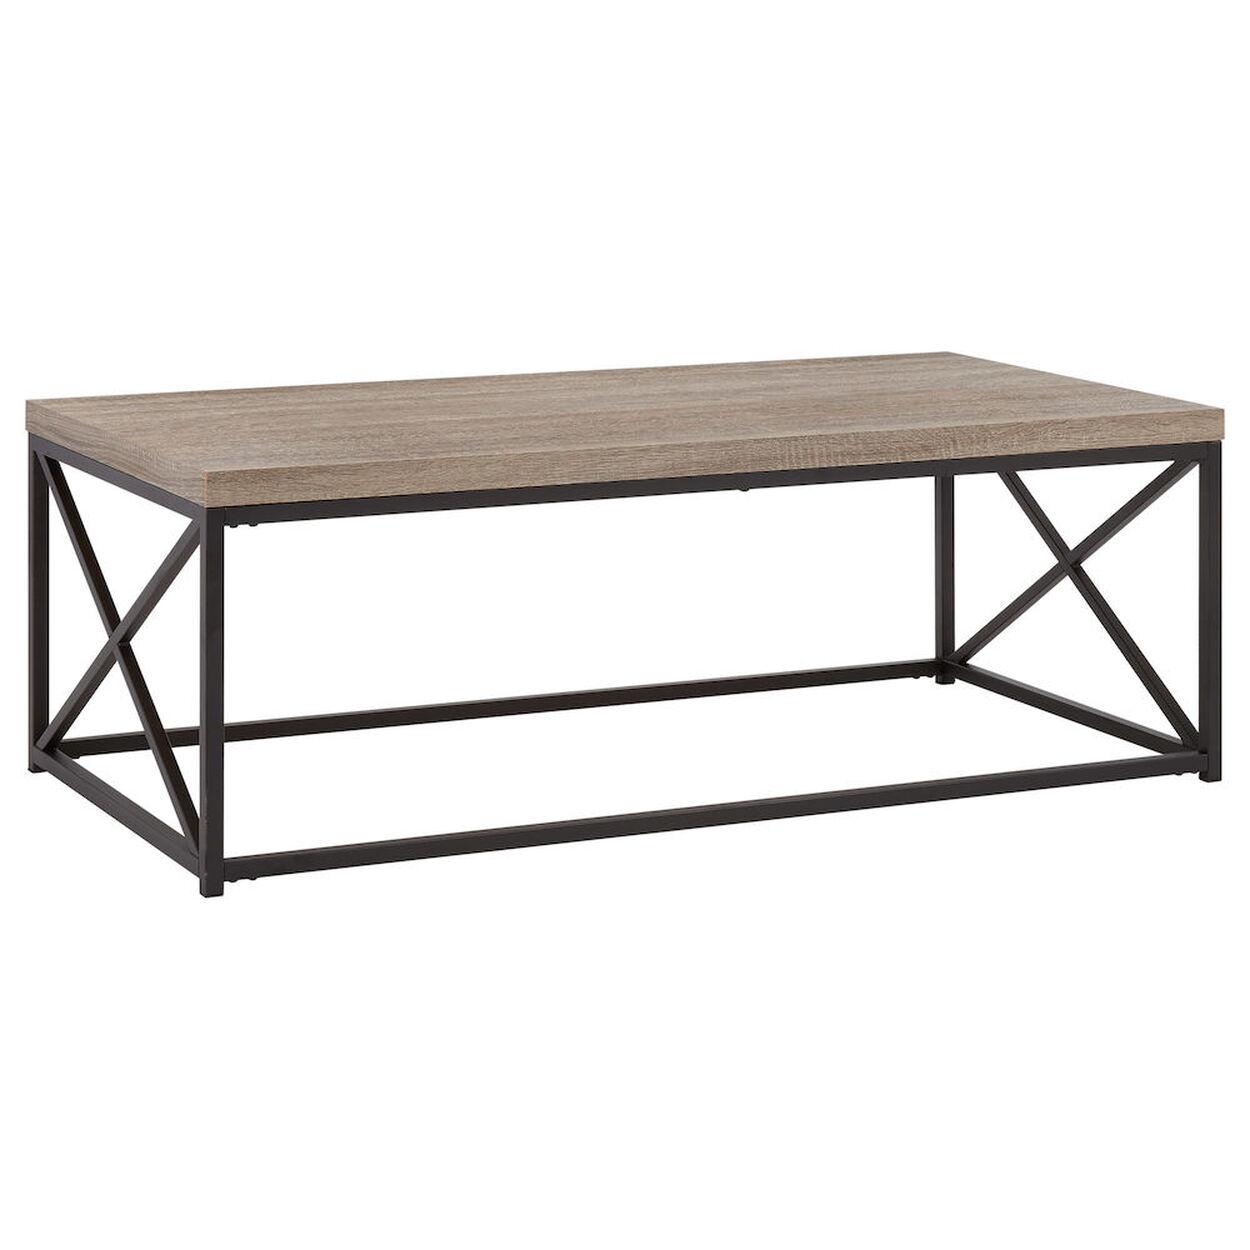 Wood Veneer and Metal Coffee Table